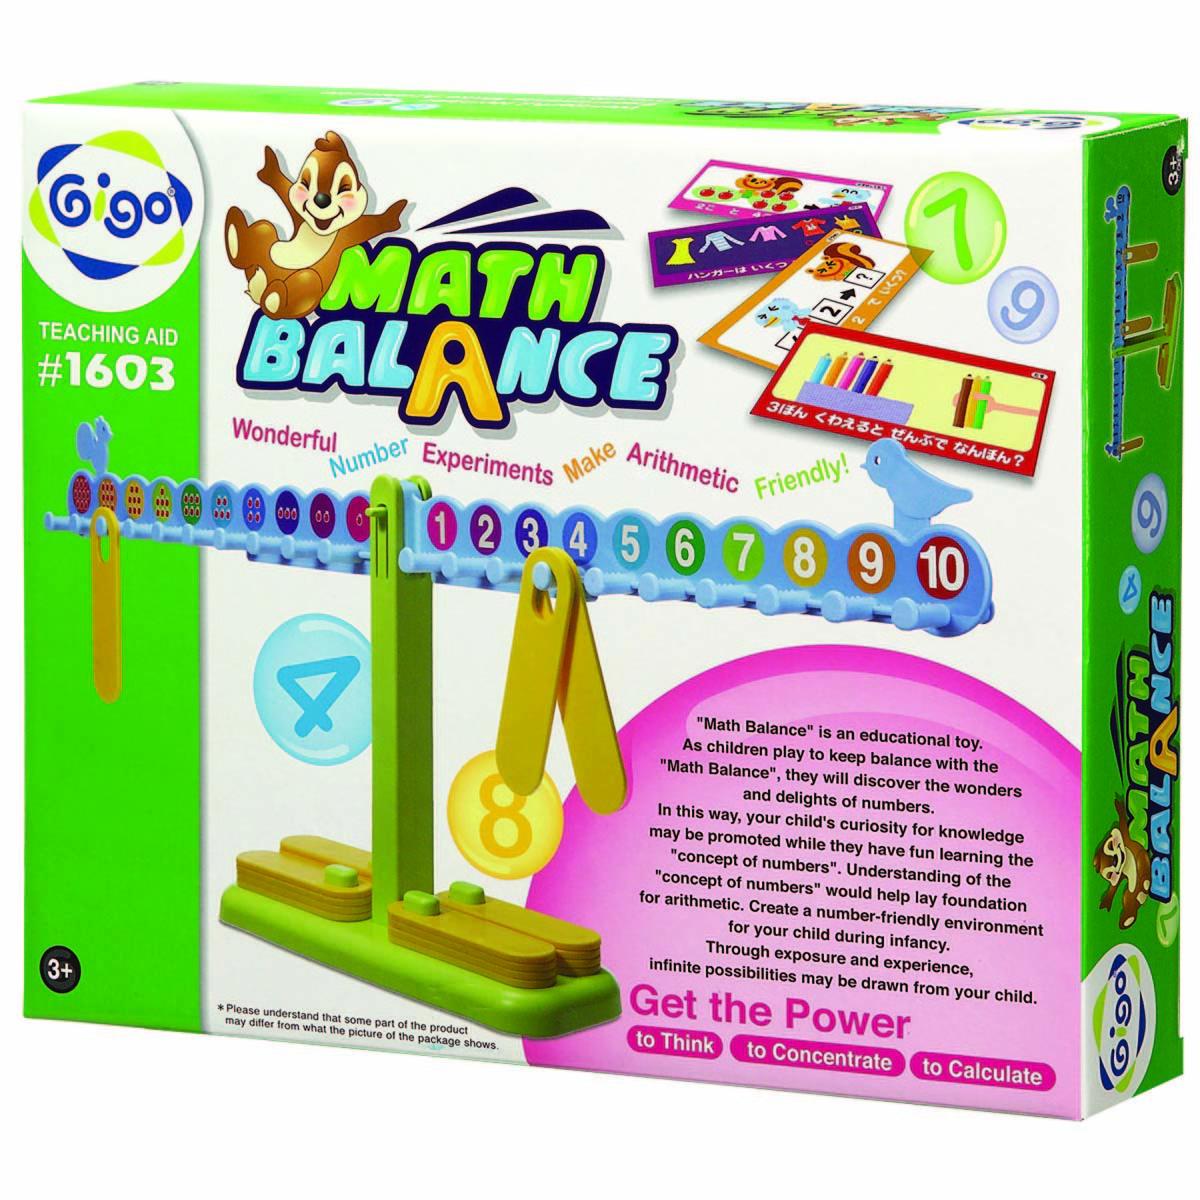 Gigo Конструктор Math balance (Гиго. Занимательные весы)1603Конструктор Gigo Math balance (Гиго. Занимательные весы) дает возможность в игровой форме освоить счет, сложение, вычитание, умножение и деление. В набор входит методическое пособие, которое поможет организовать обучение ребенка.